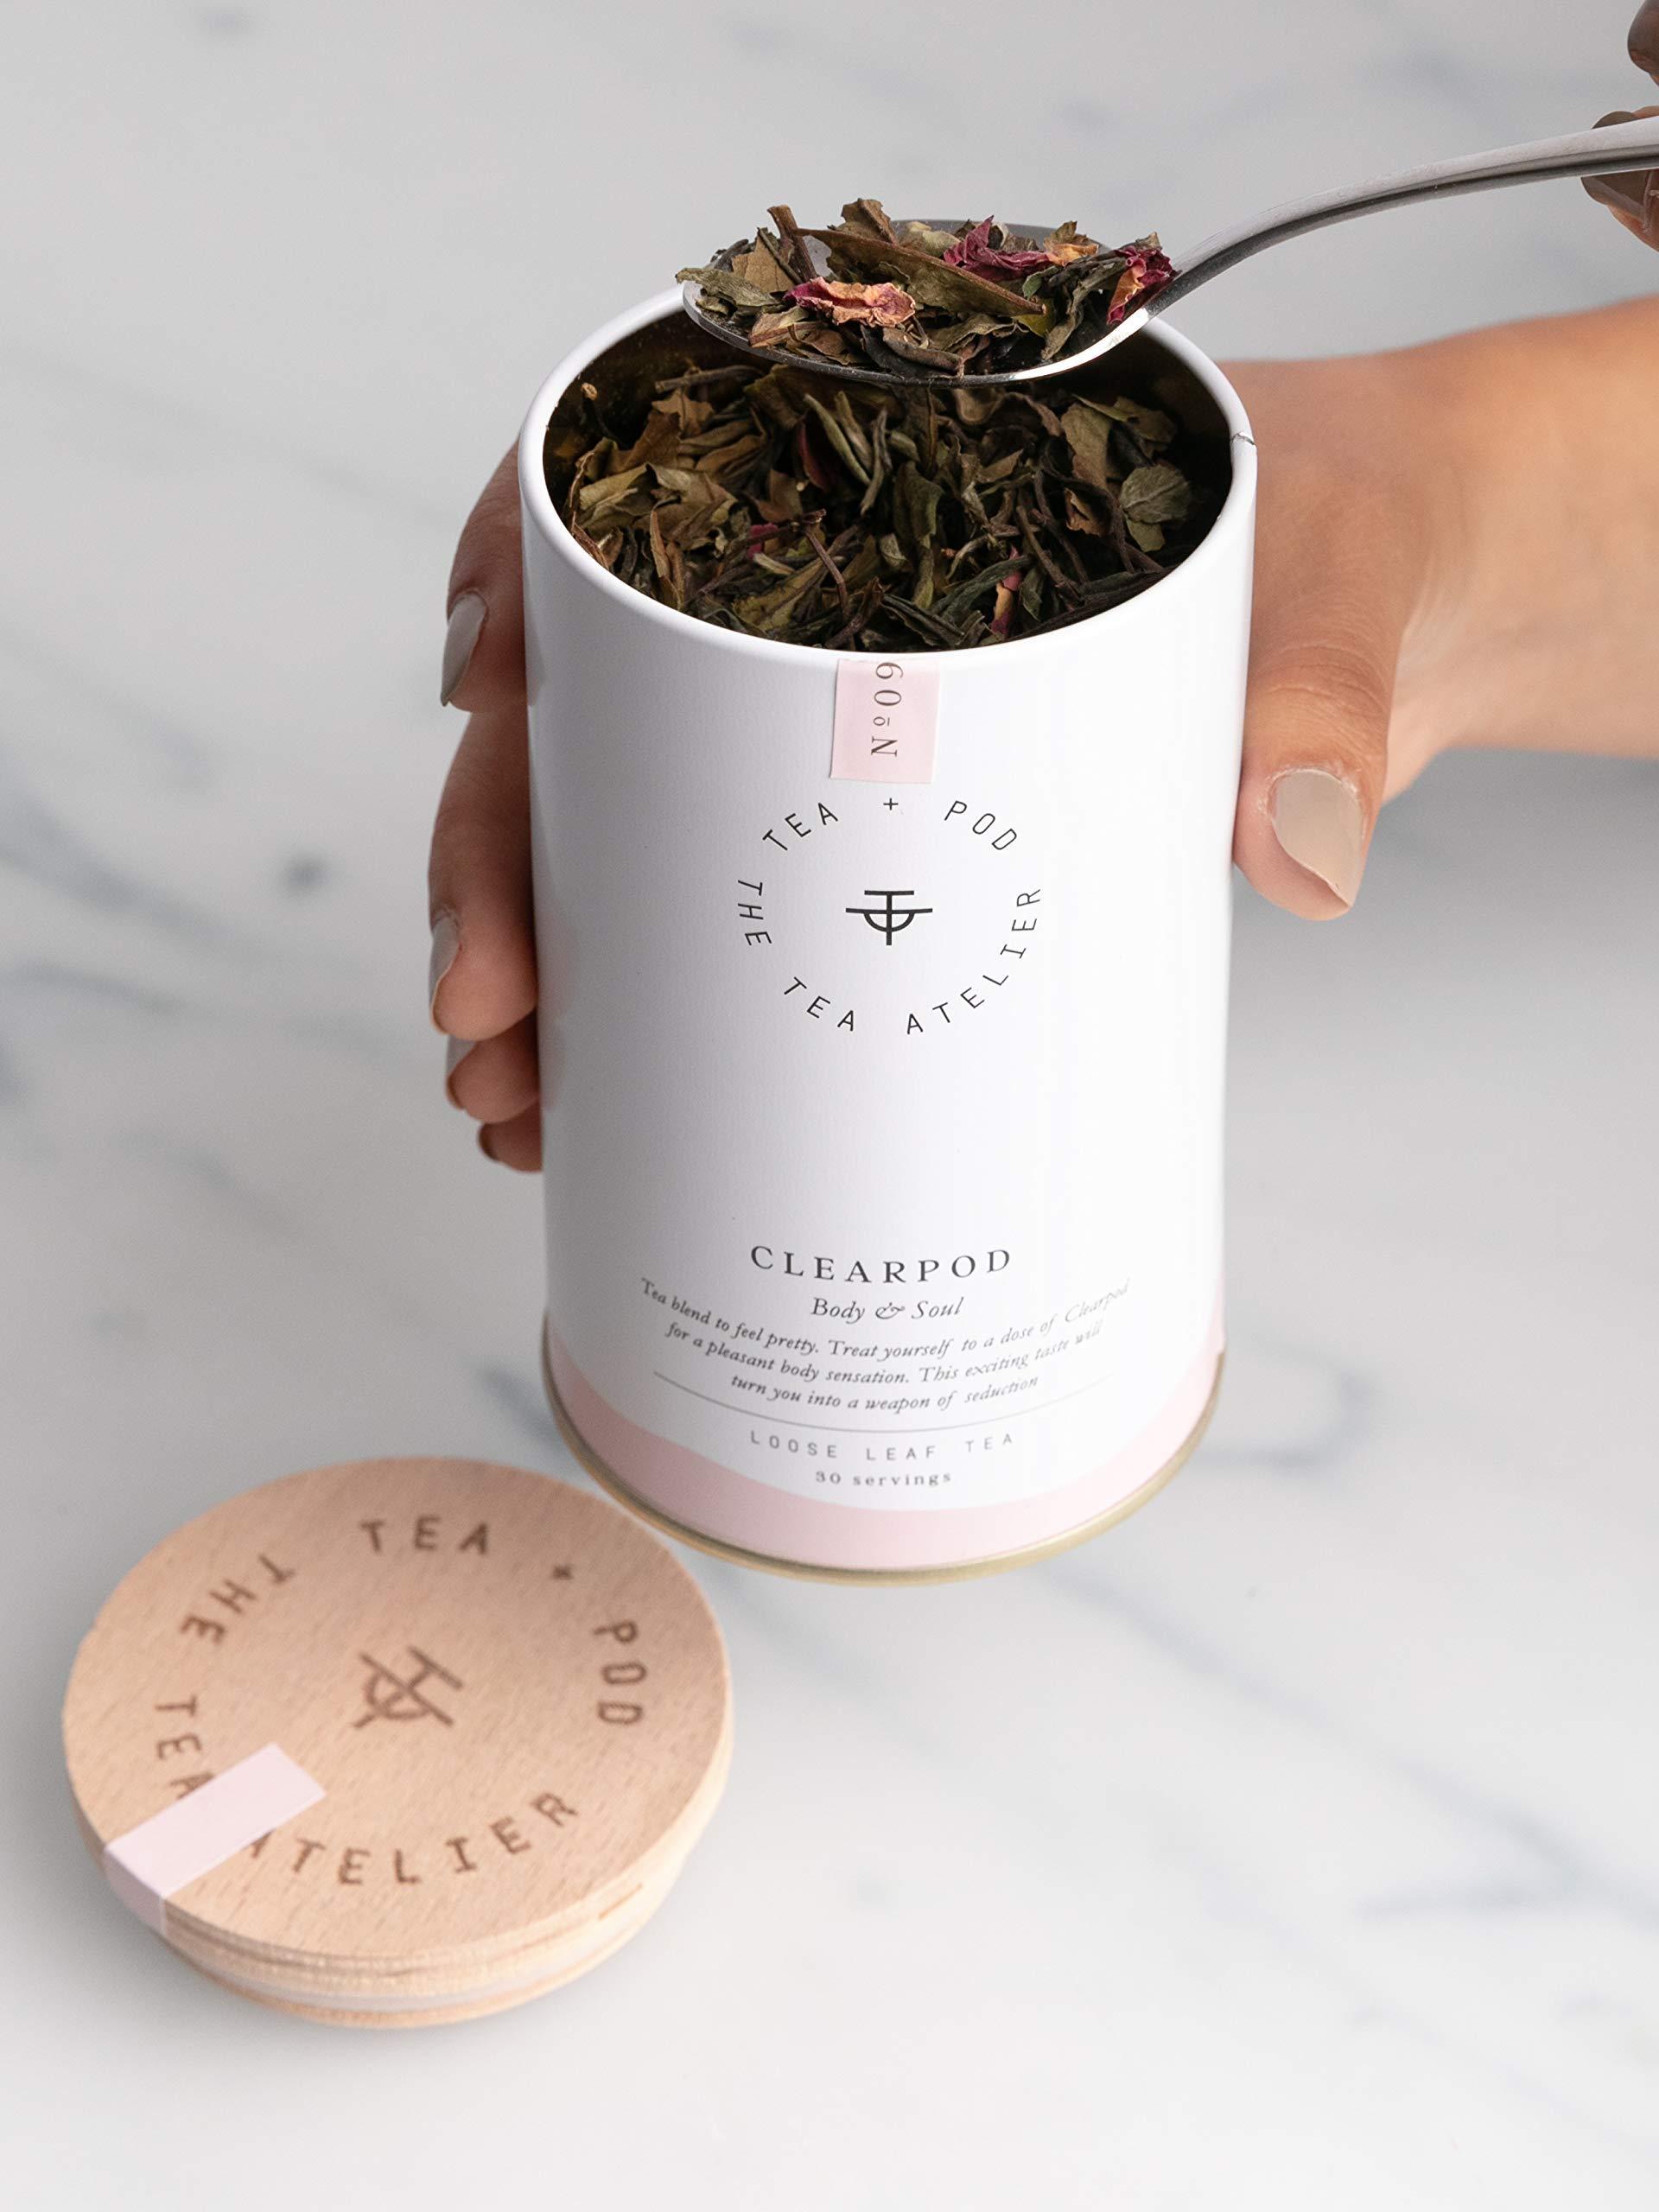 Weier-Tee-mit-Rosenblten-HANDGEPFLCKT-Komposition-aus-Pai-Mu-Tan-und-duftender-Rose-in-Metalldose-50-g-by-Teapod-Atelier